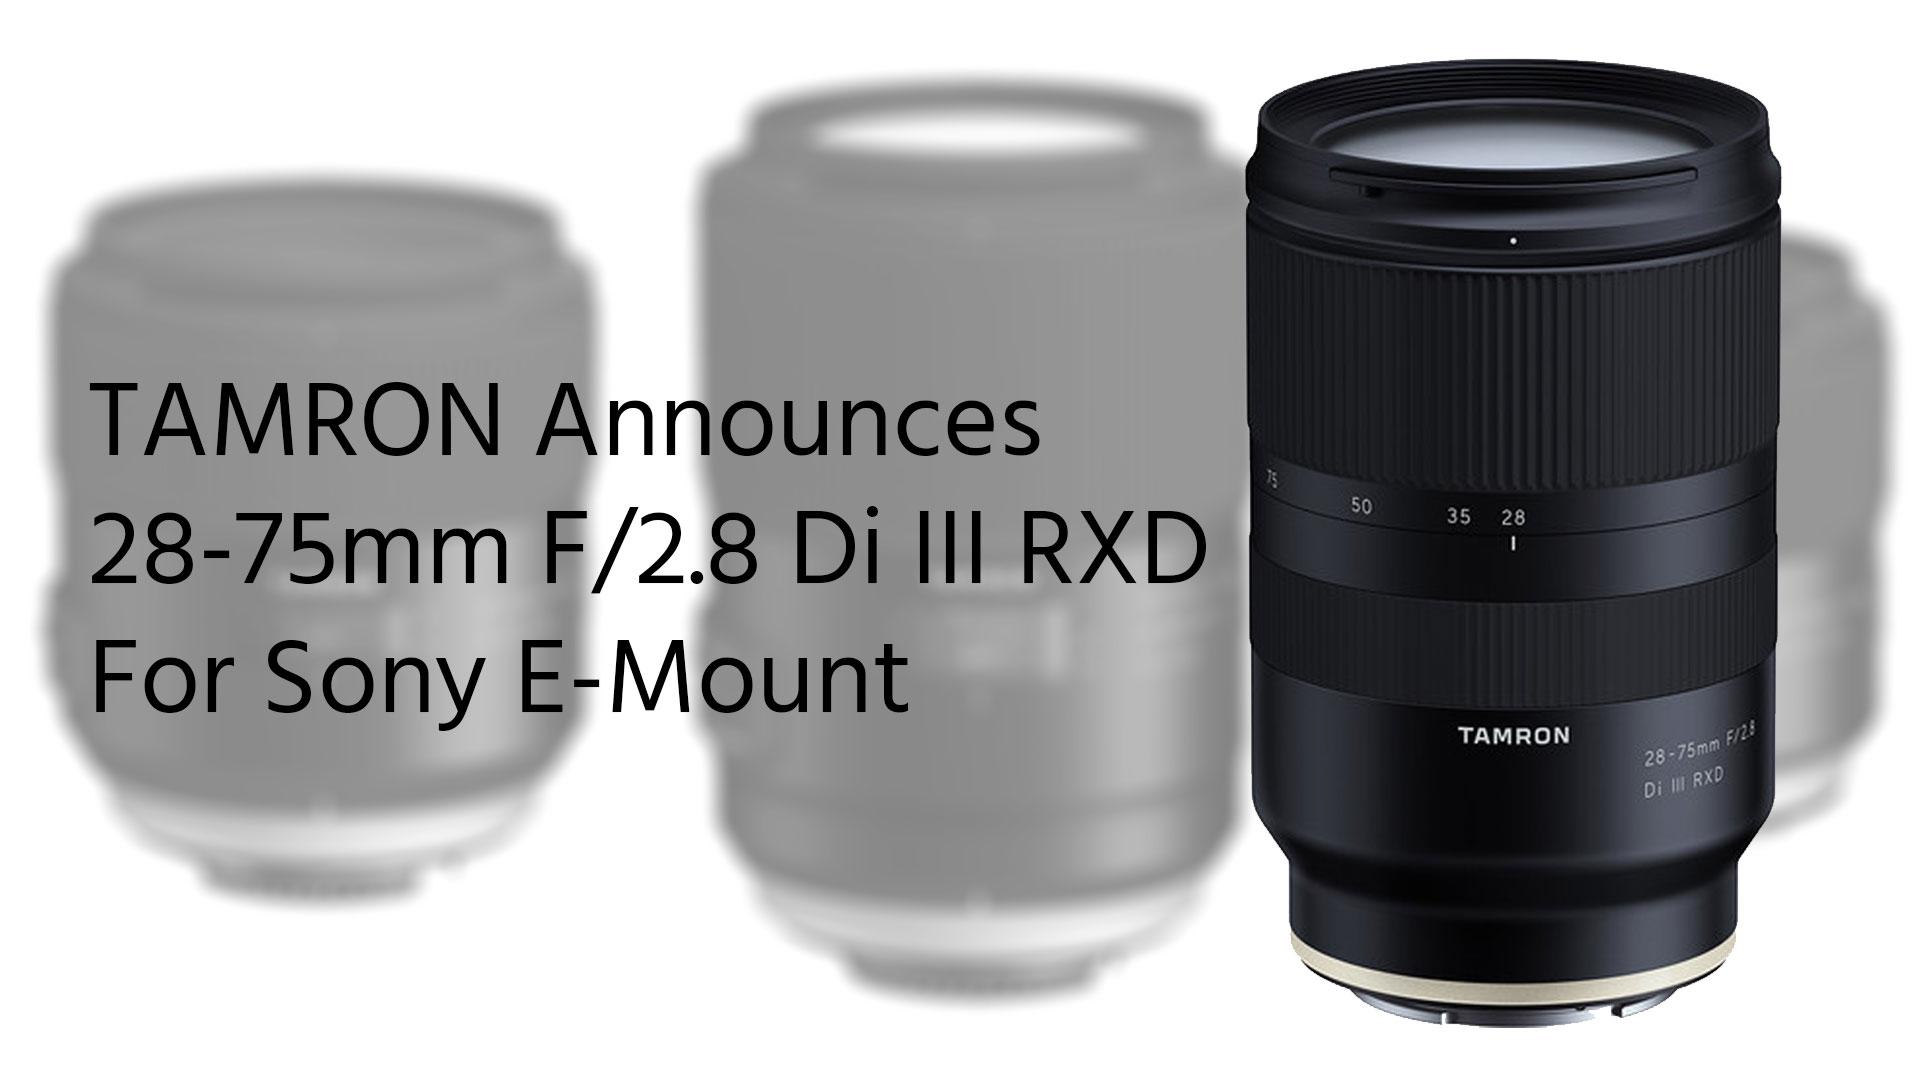 タムロンがEマウント28-75mm F/2.8 Di III RXDを発表